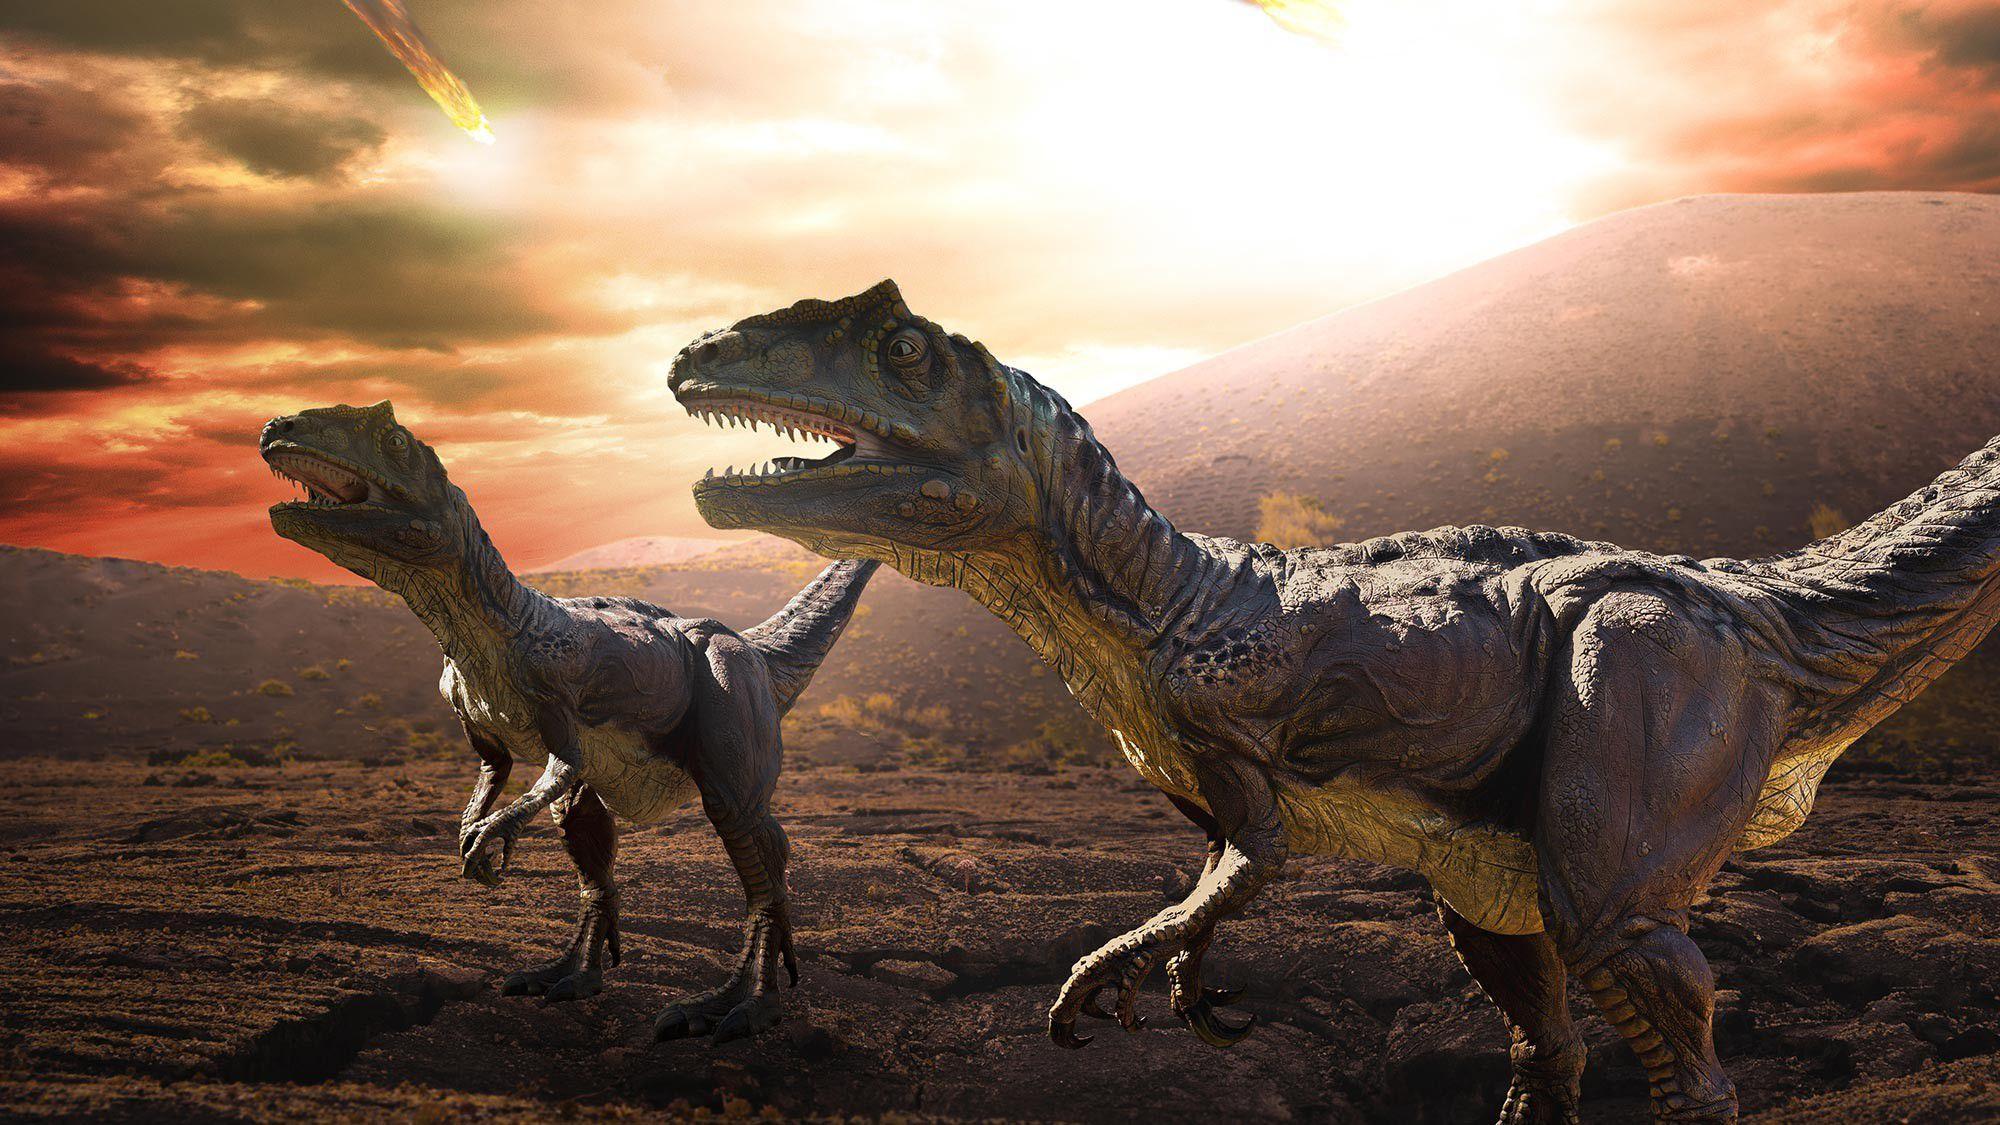 Ученые выяснили, откуда прилетел астероид, убивший динозавров